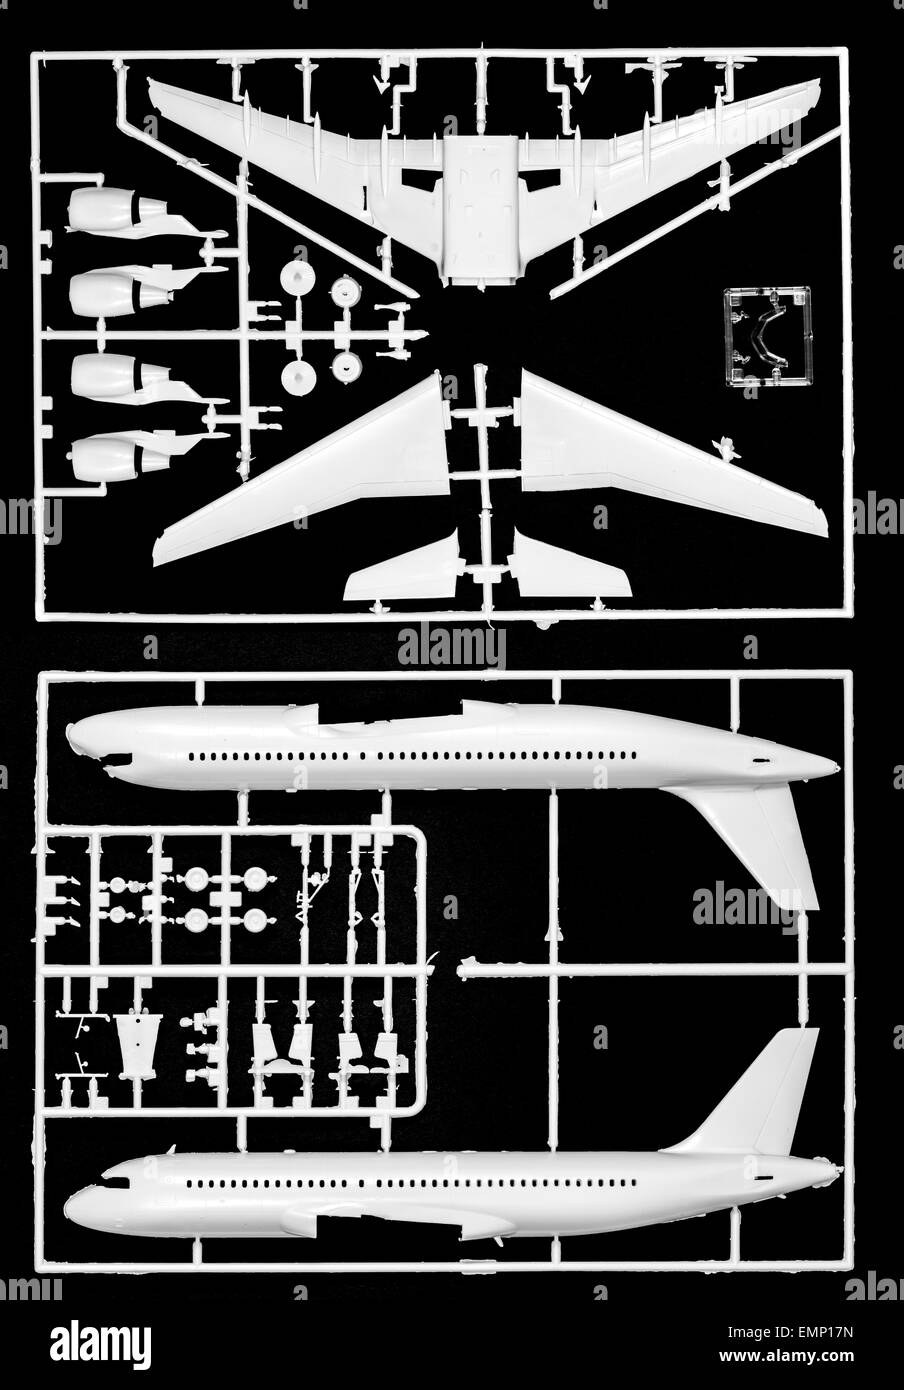 Imagen simbólica, la industria aeroespacial, aviones de plástico modelo kit de montaje, un avión de pasajeros, Airbus Foto de stock